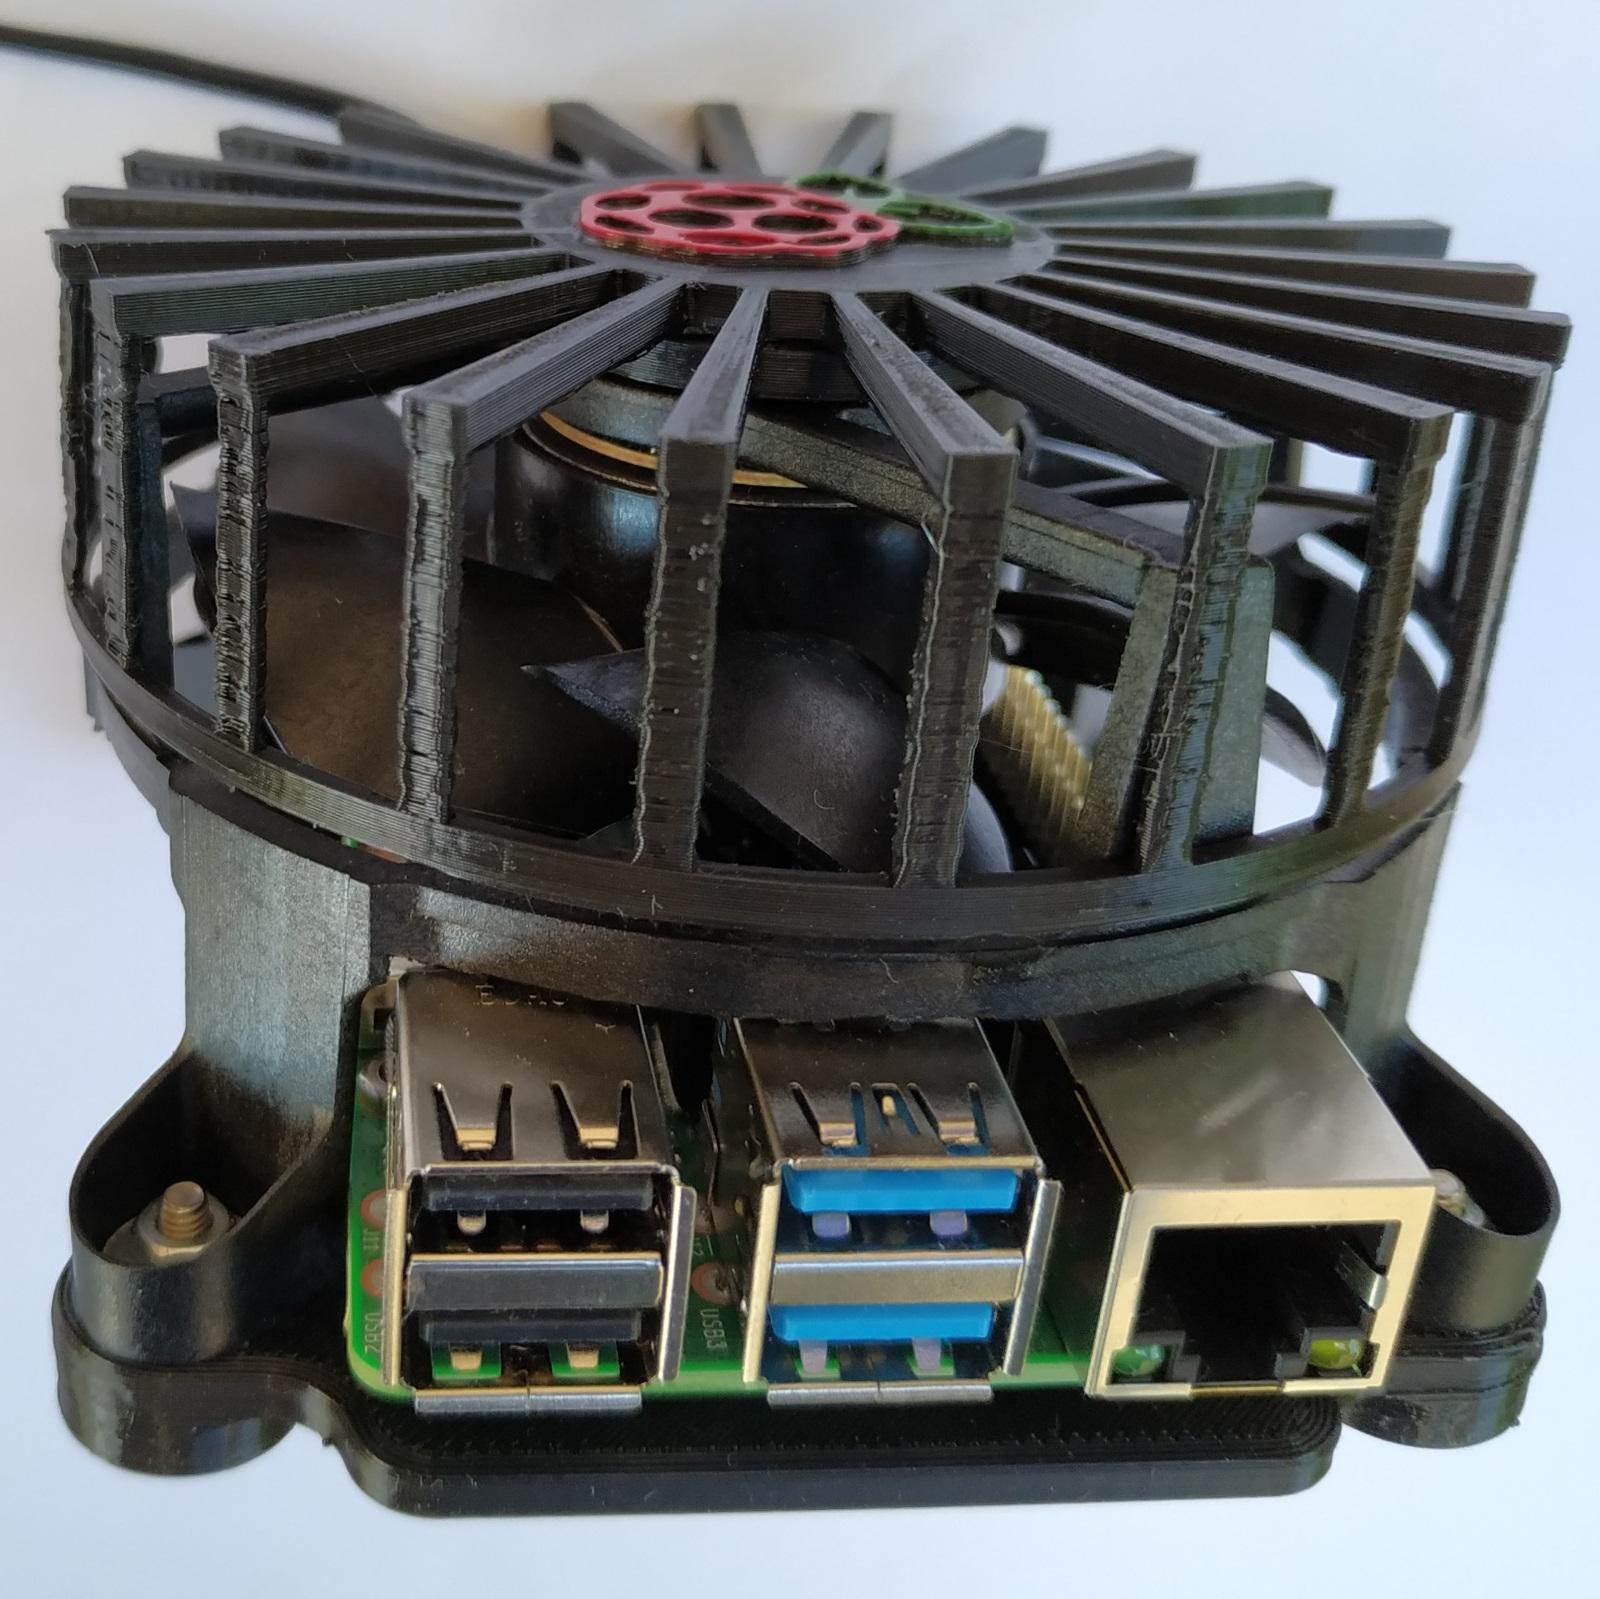 Le Raspberry Pi 4 avec un système de refroidissement DIY.